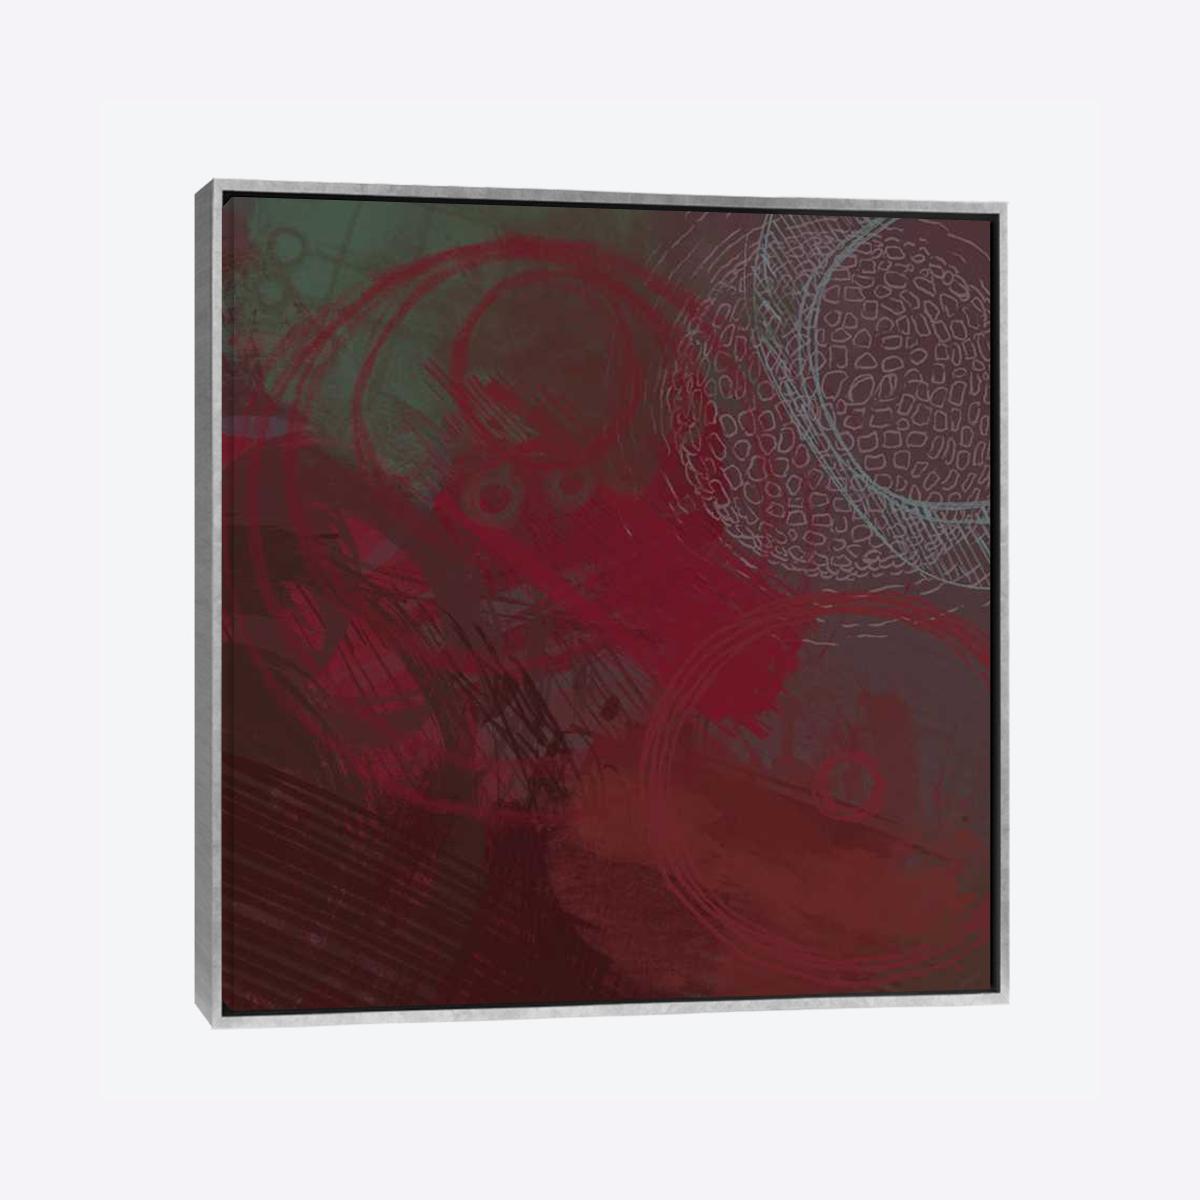 لوحات جدارية - دوائر عشوائية - لوحات جدارية - كانفسي - لوحة فنية جدارية تجريدية بألوان و تصاميم جذابة تعطي طاقة حيوية وتفاؤل و تتناسب مع جميع أثاثكم شاهد المزيد في متجر كانفسي